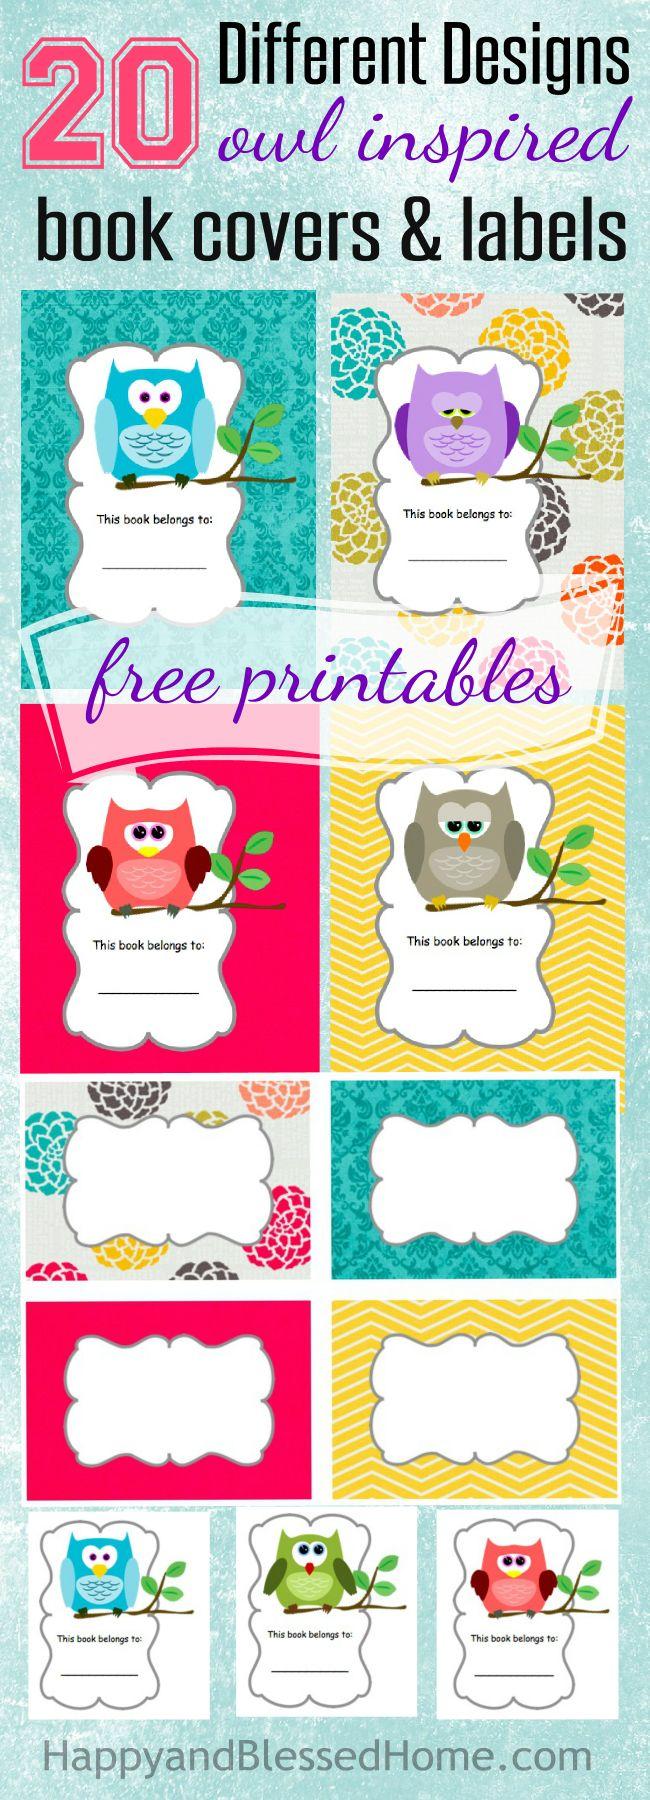 17 Best ideas about Book Labels on Pinterest | Dr seuss ...